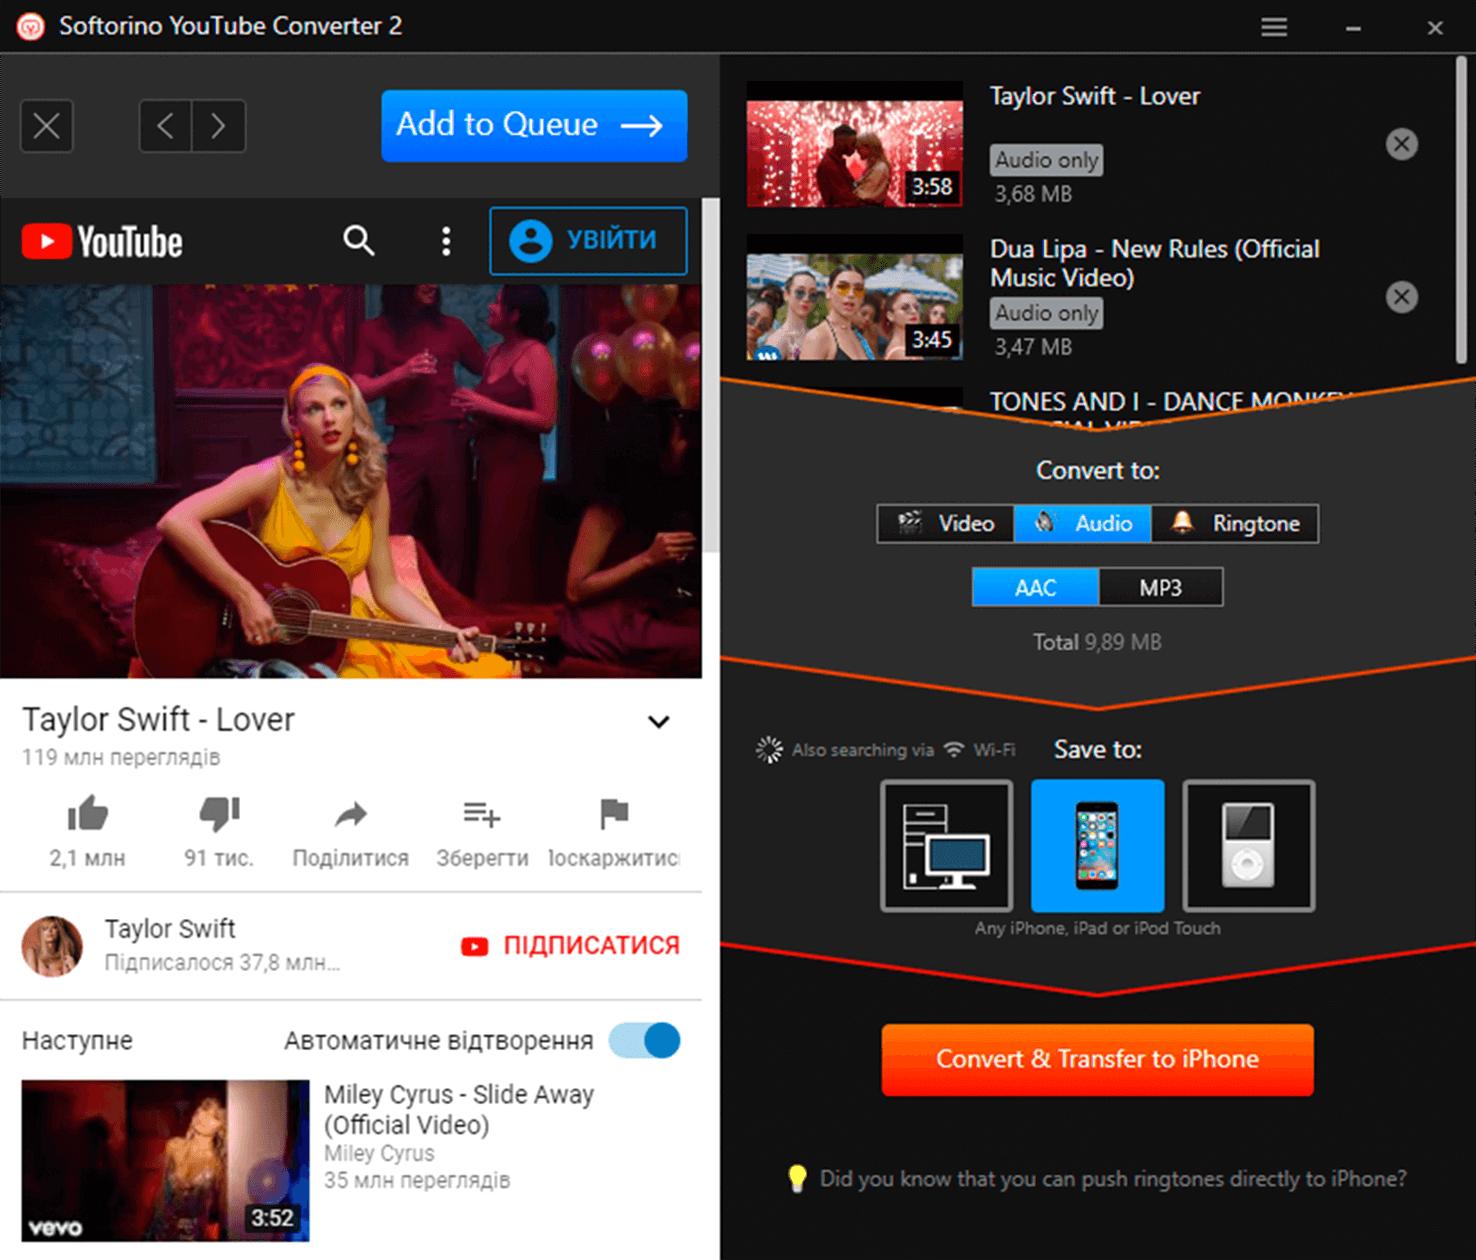 Softorino YouTube Converter 2 Screenshot